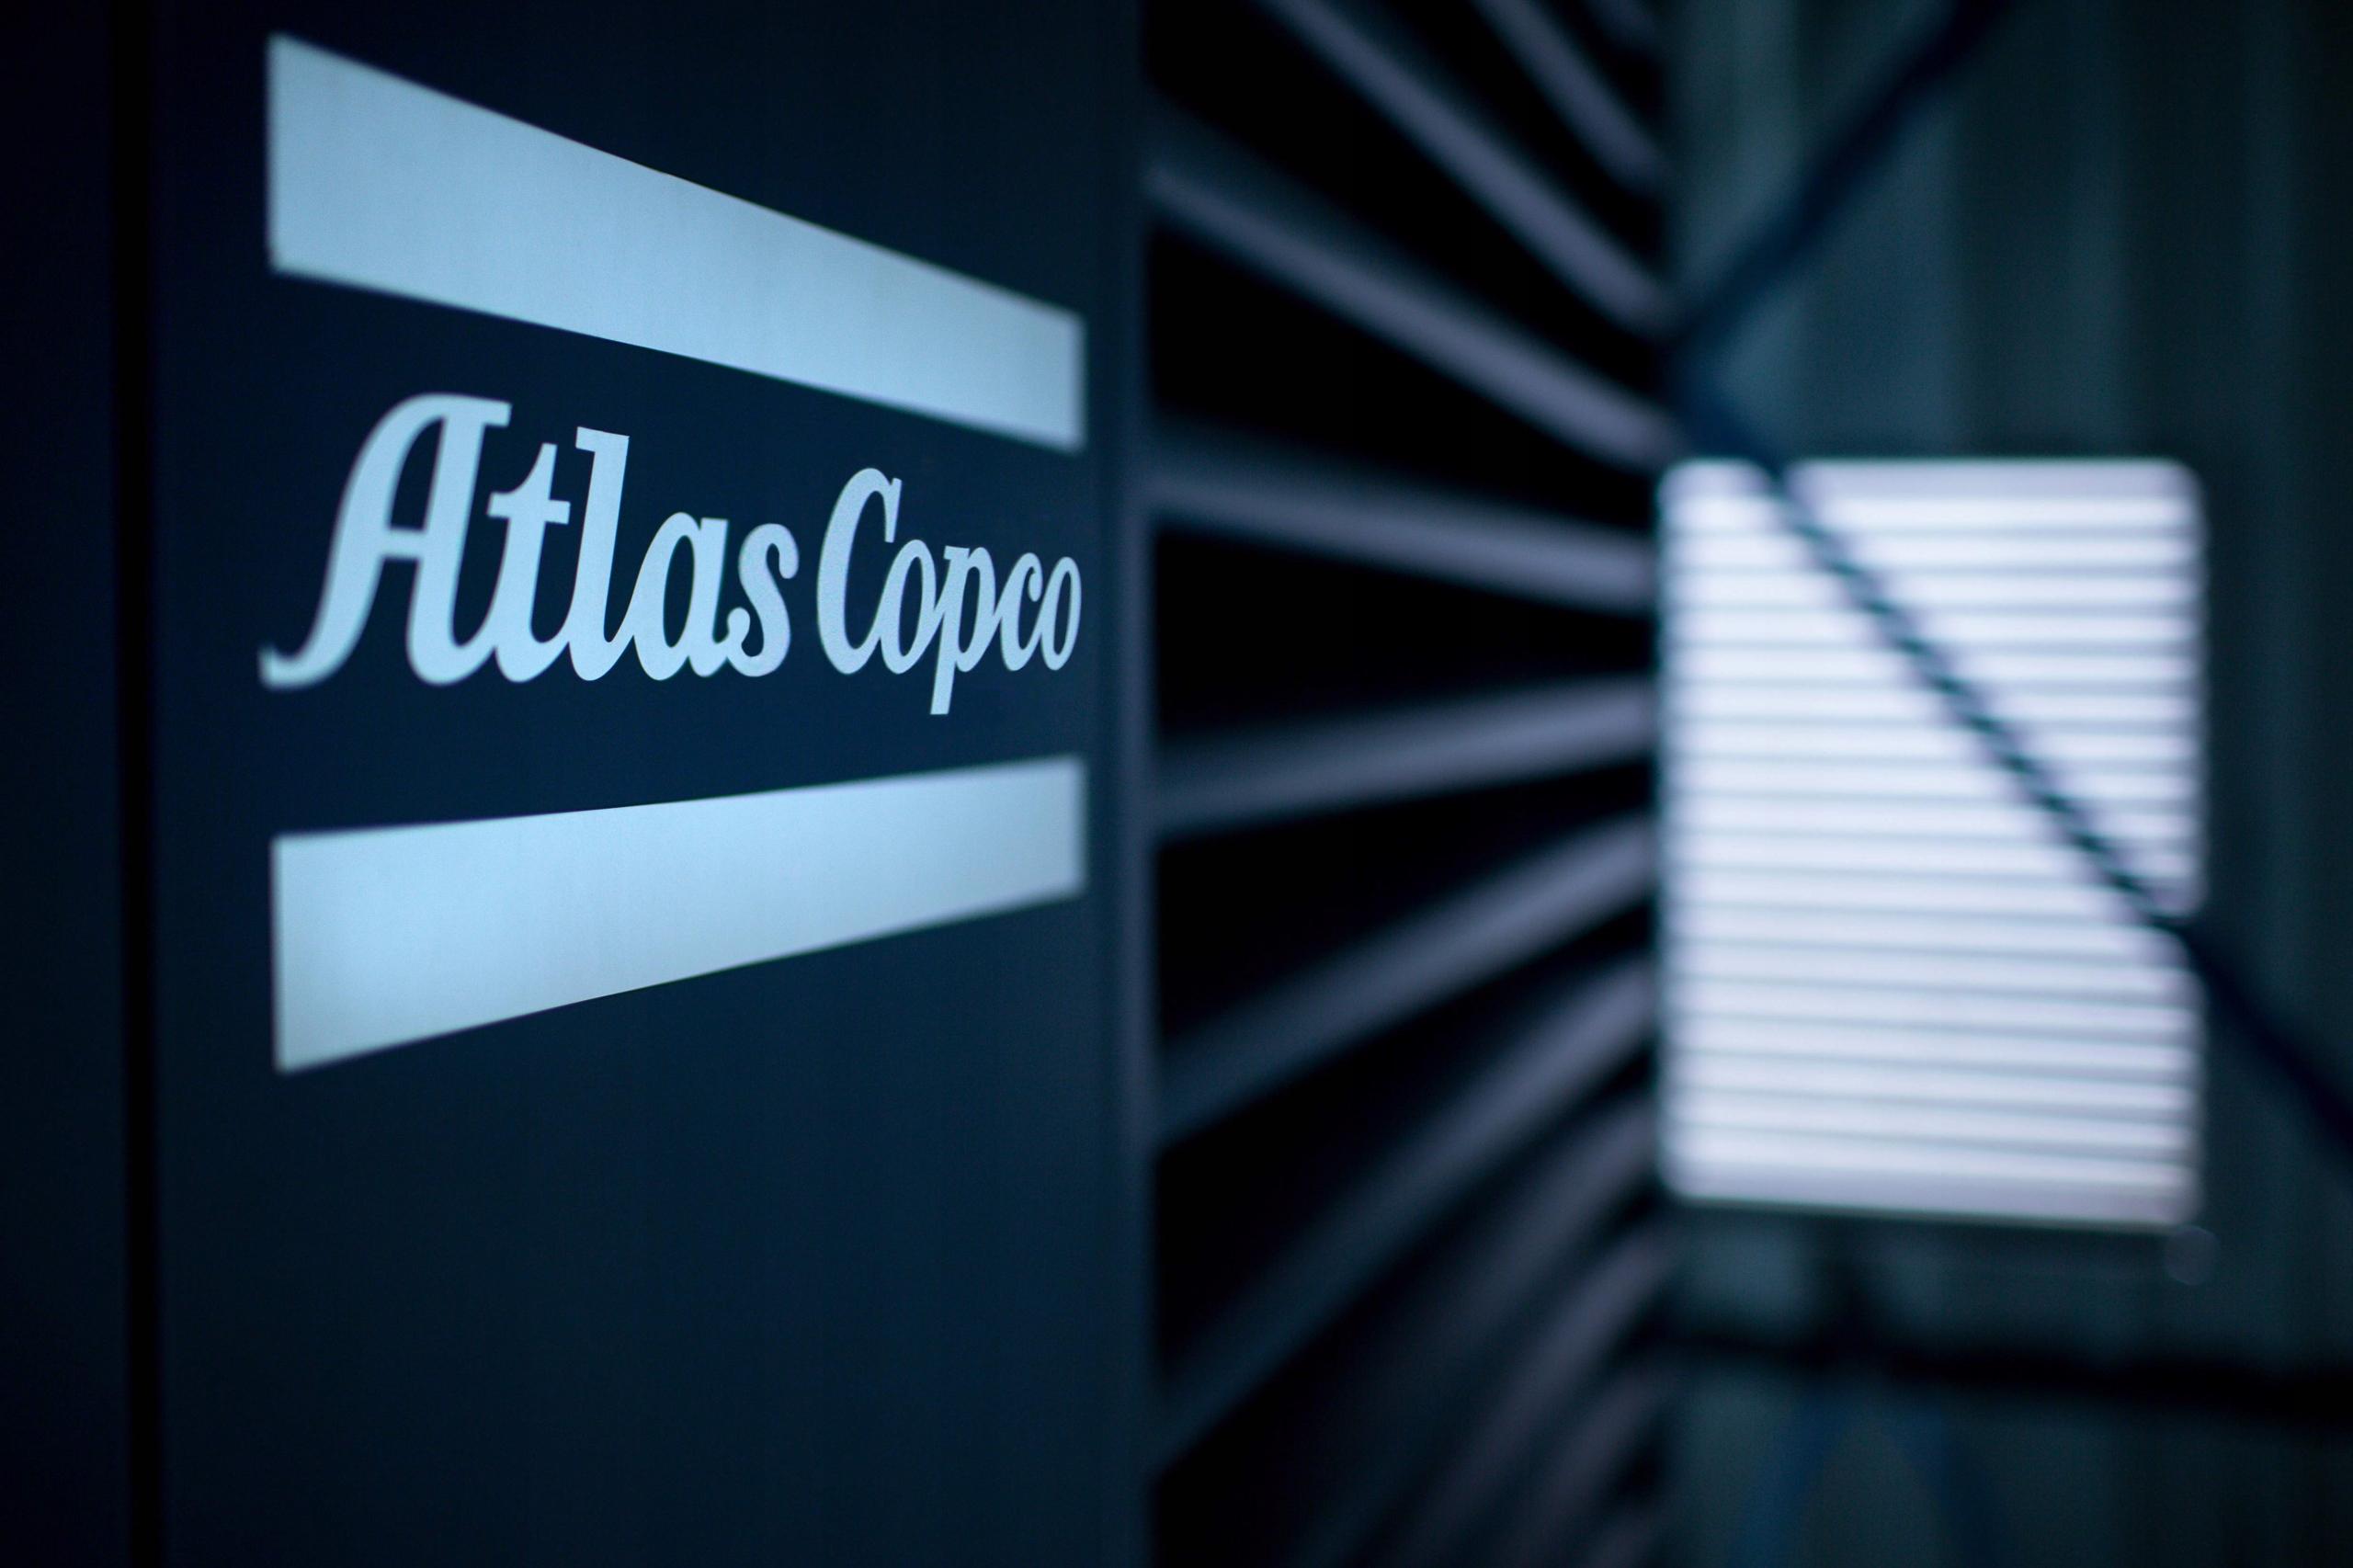 SPRĘŻARKA KOMPRESOR 200L ATLAS COPCO AC 31 E 200 M Ciśnienie maksymalne 10 bar